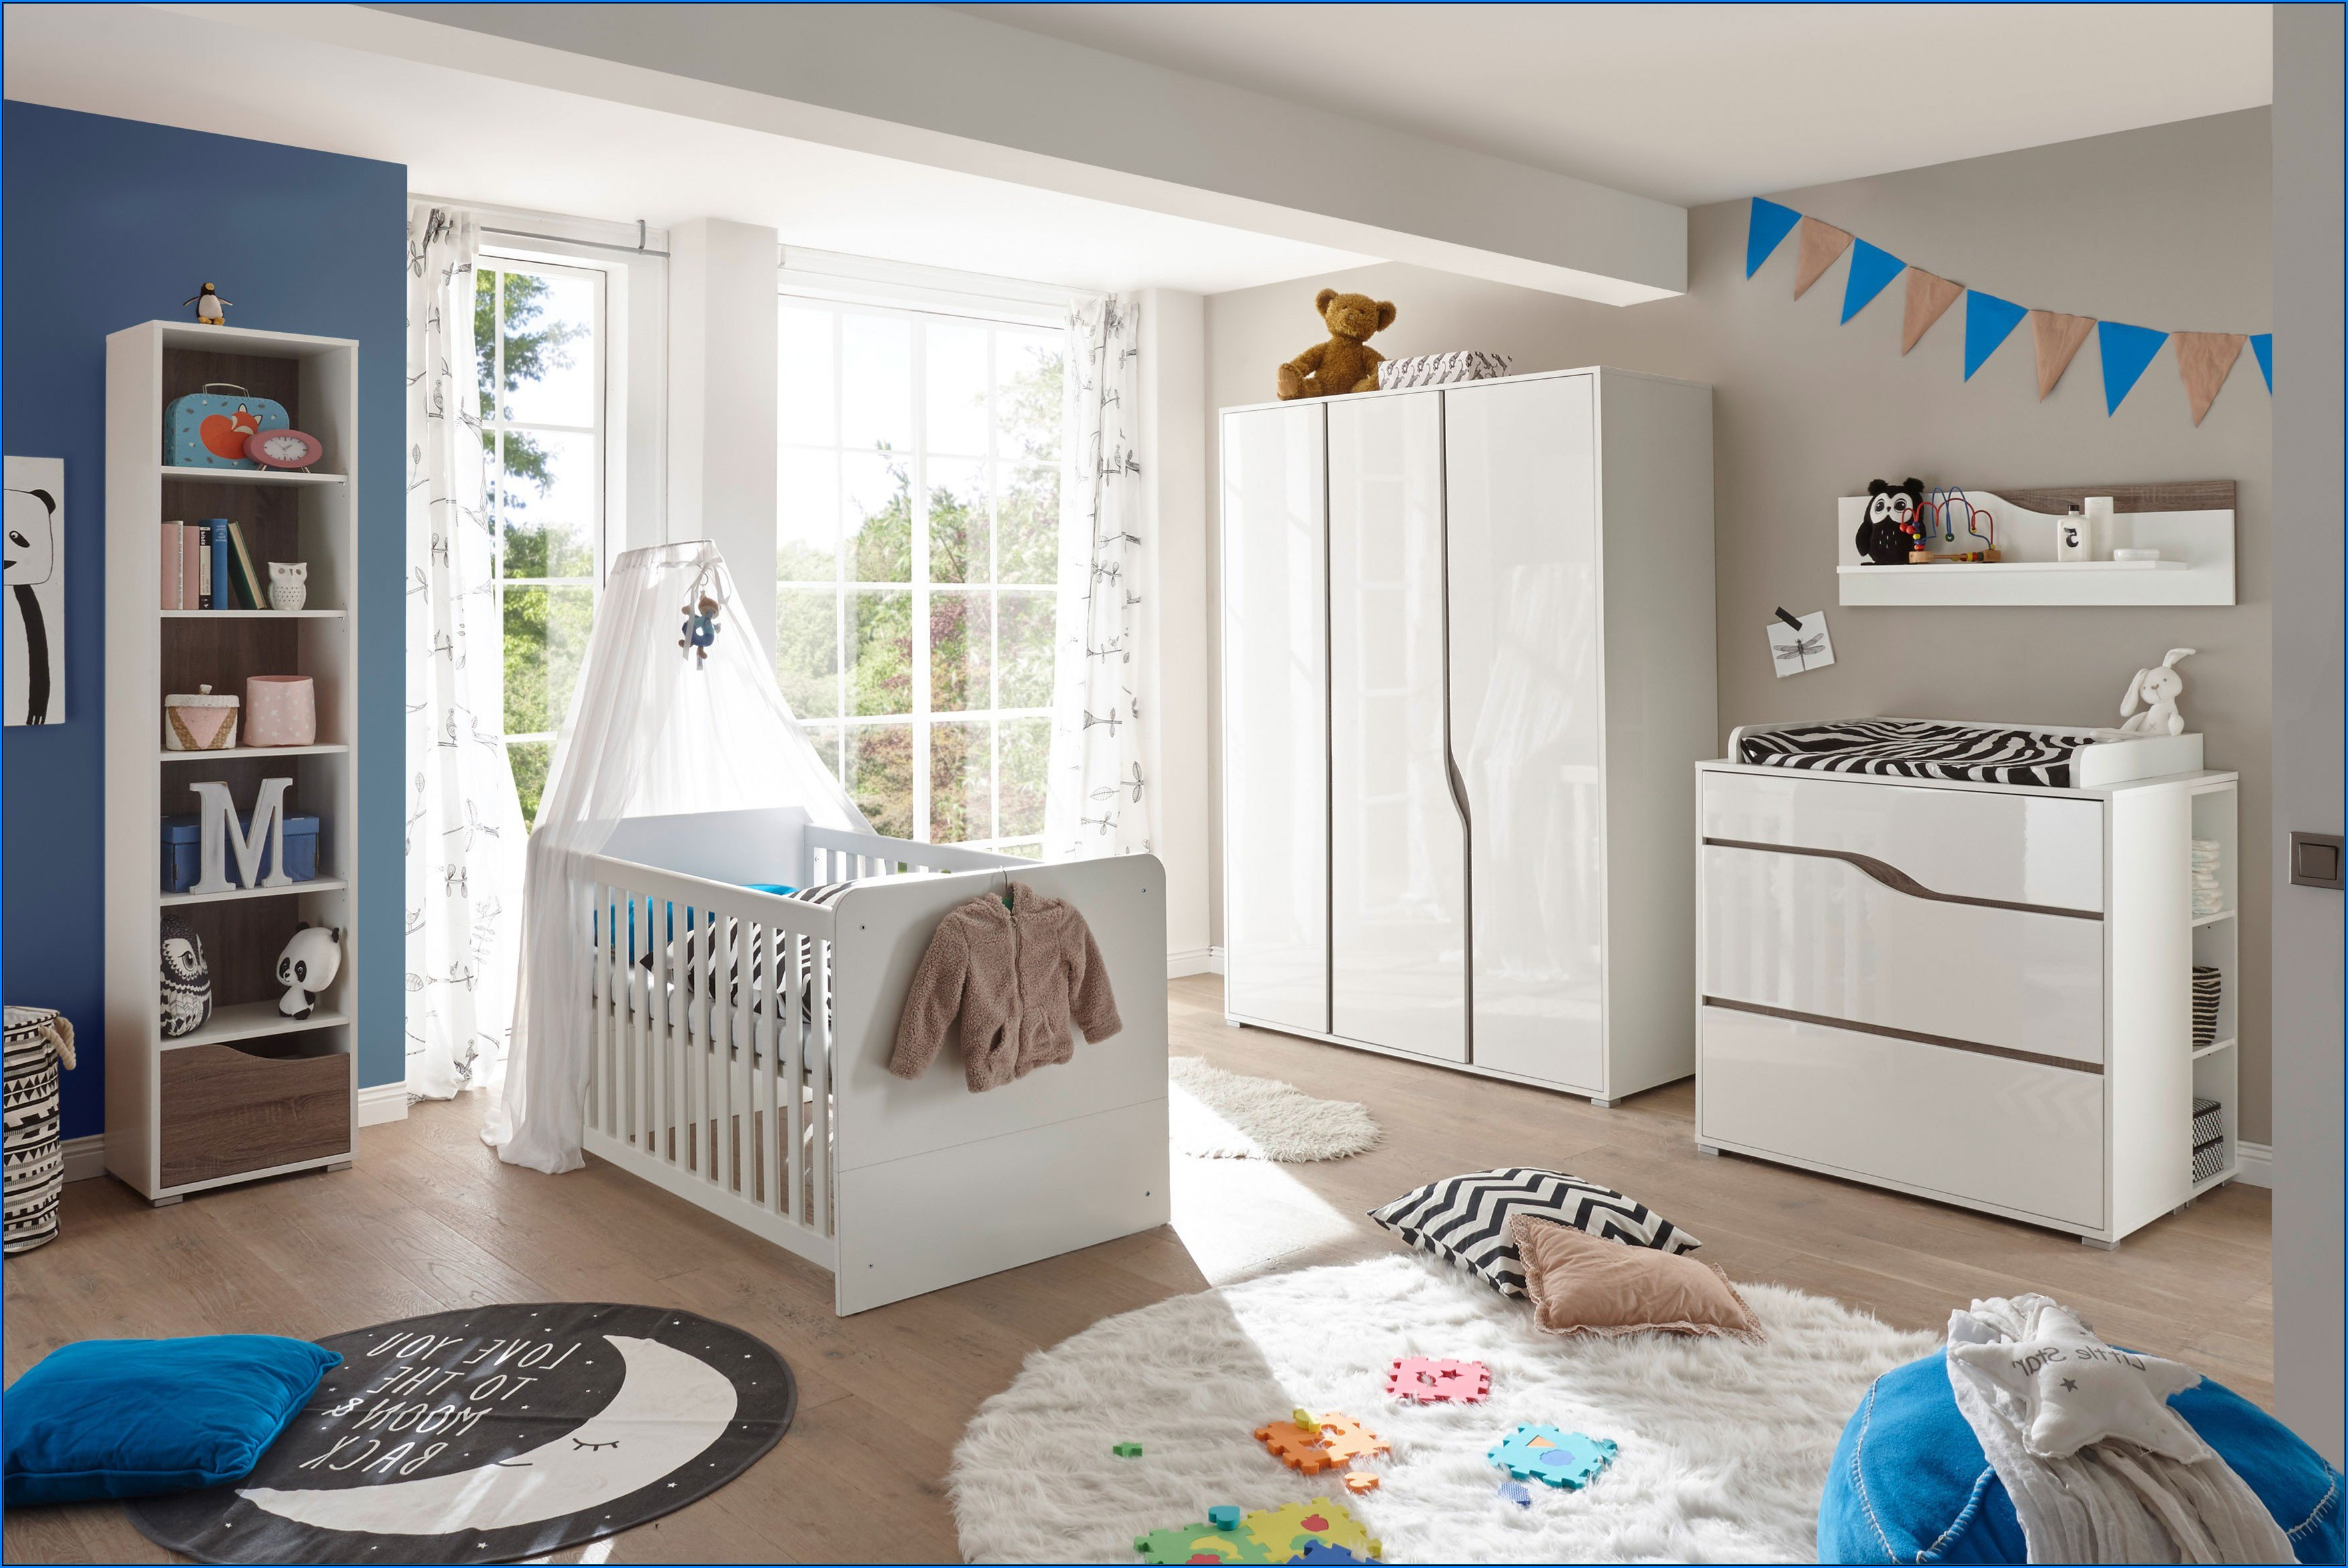 Babyzimmer Komplett Bis 500 Euro